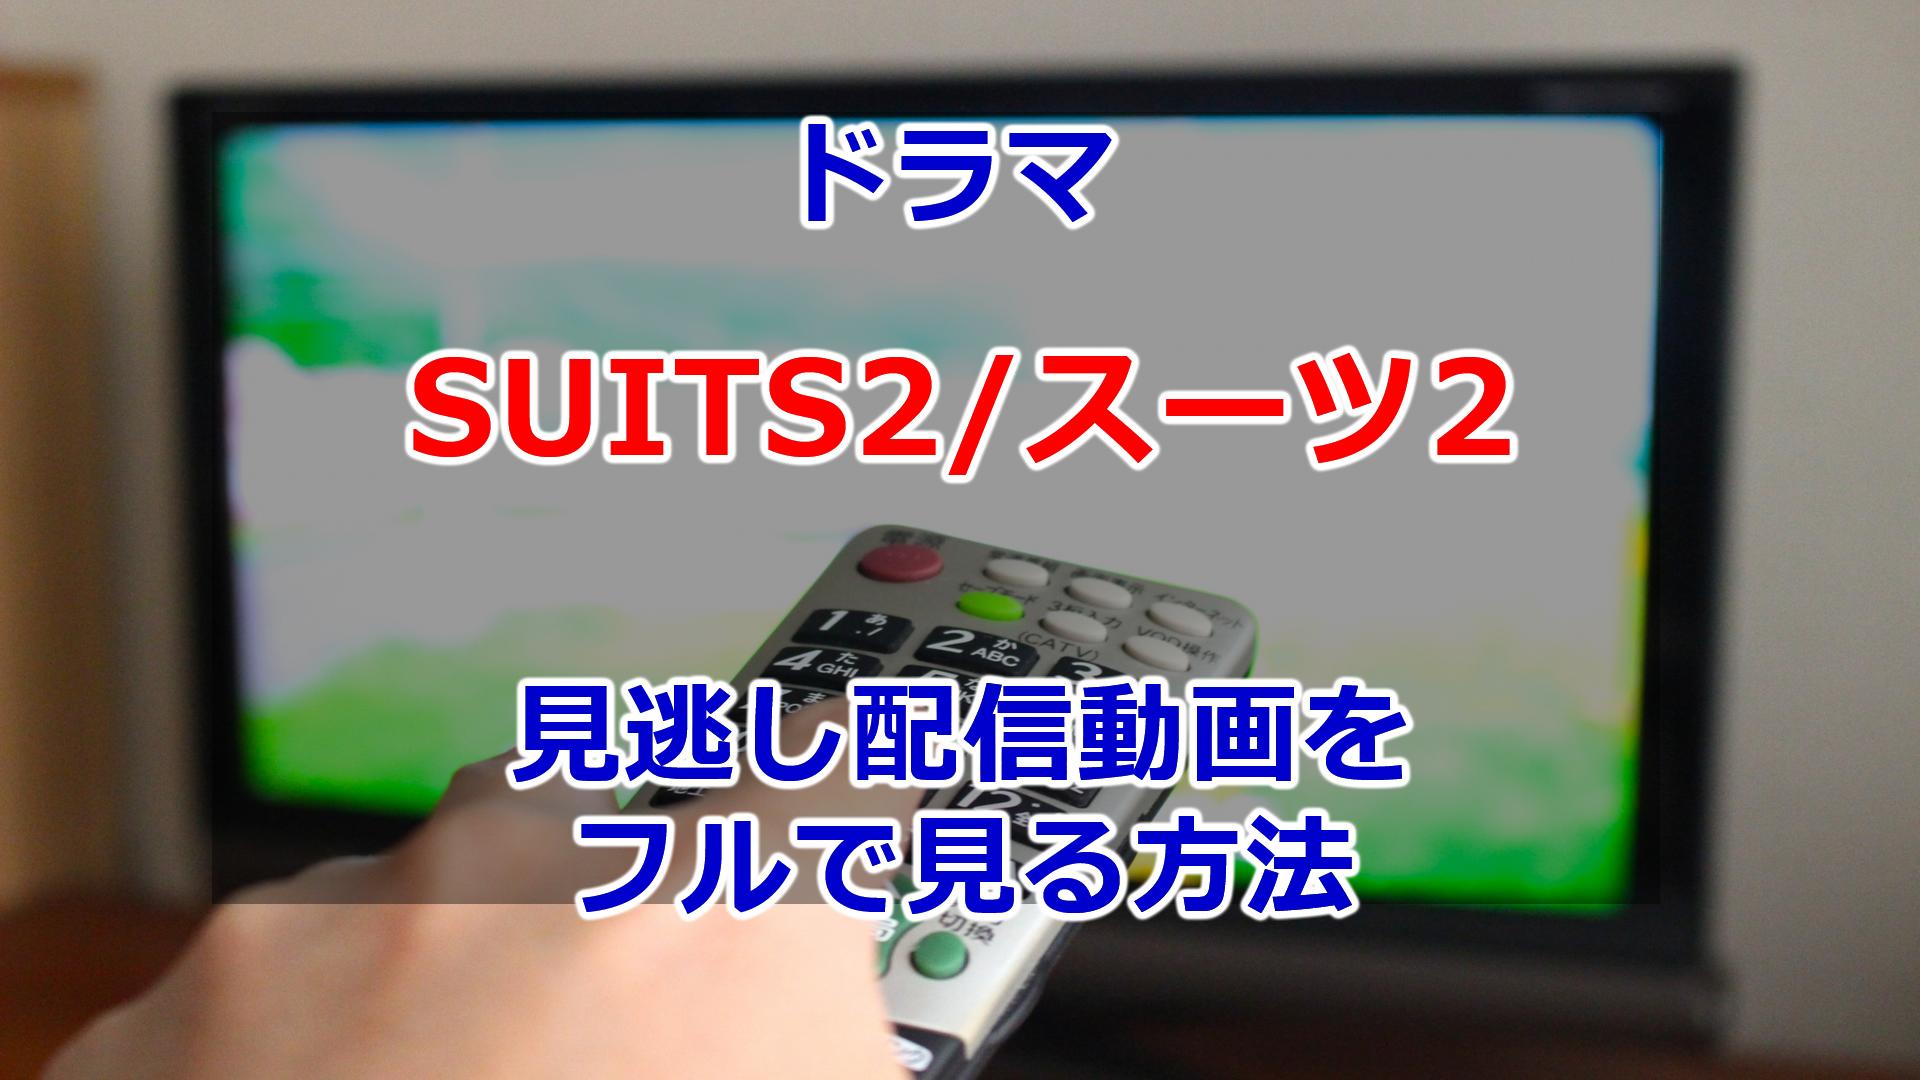 2020春ドラマSUITS2/スーツ2見逃し配信動画をフル視聴する方法